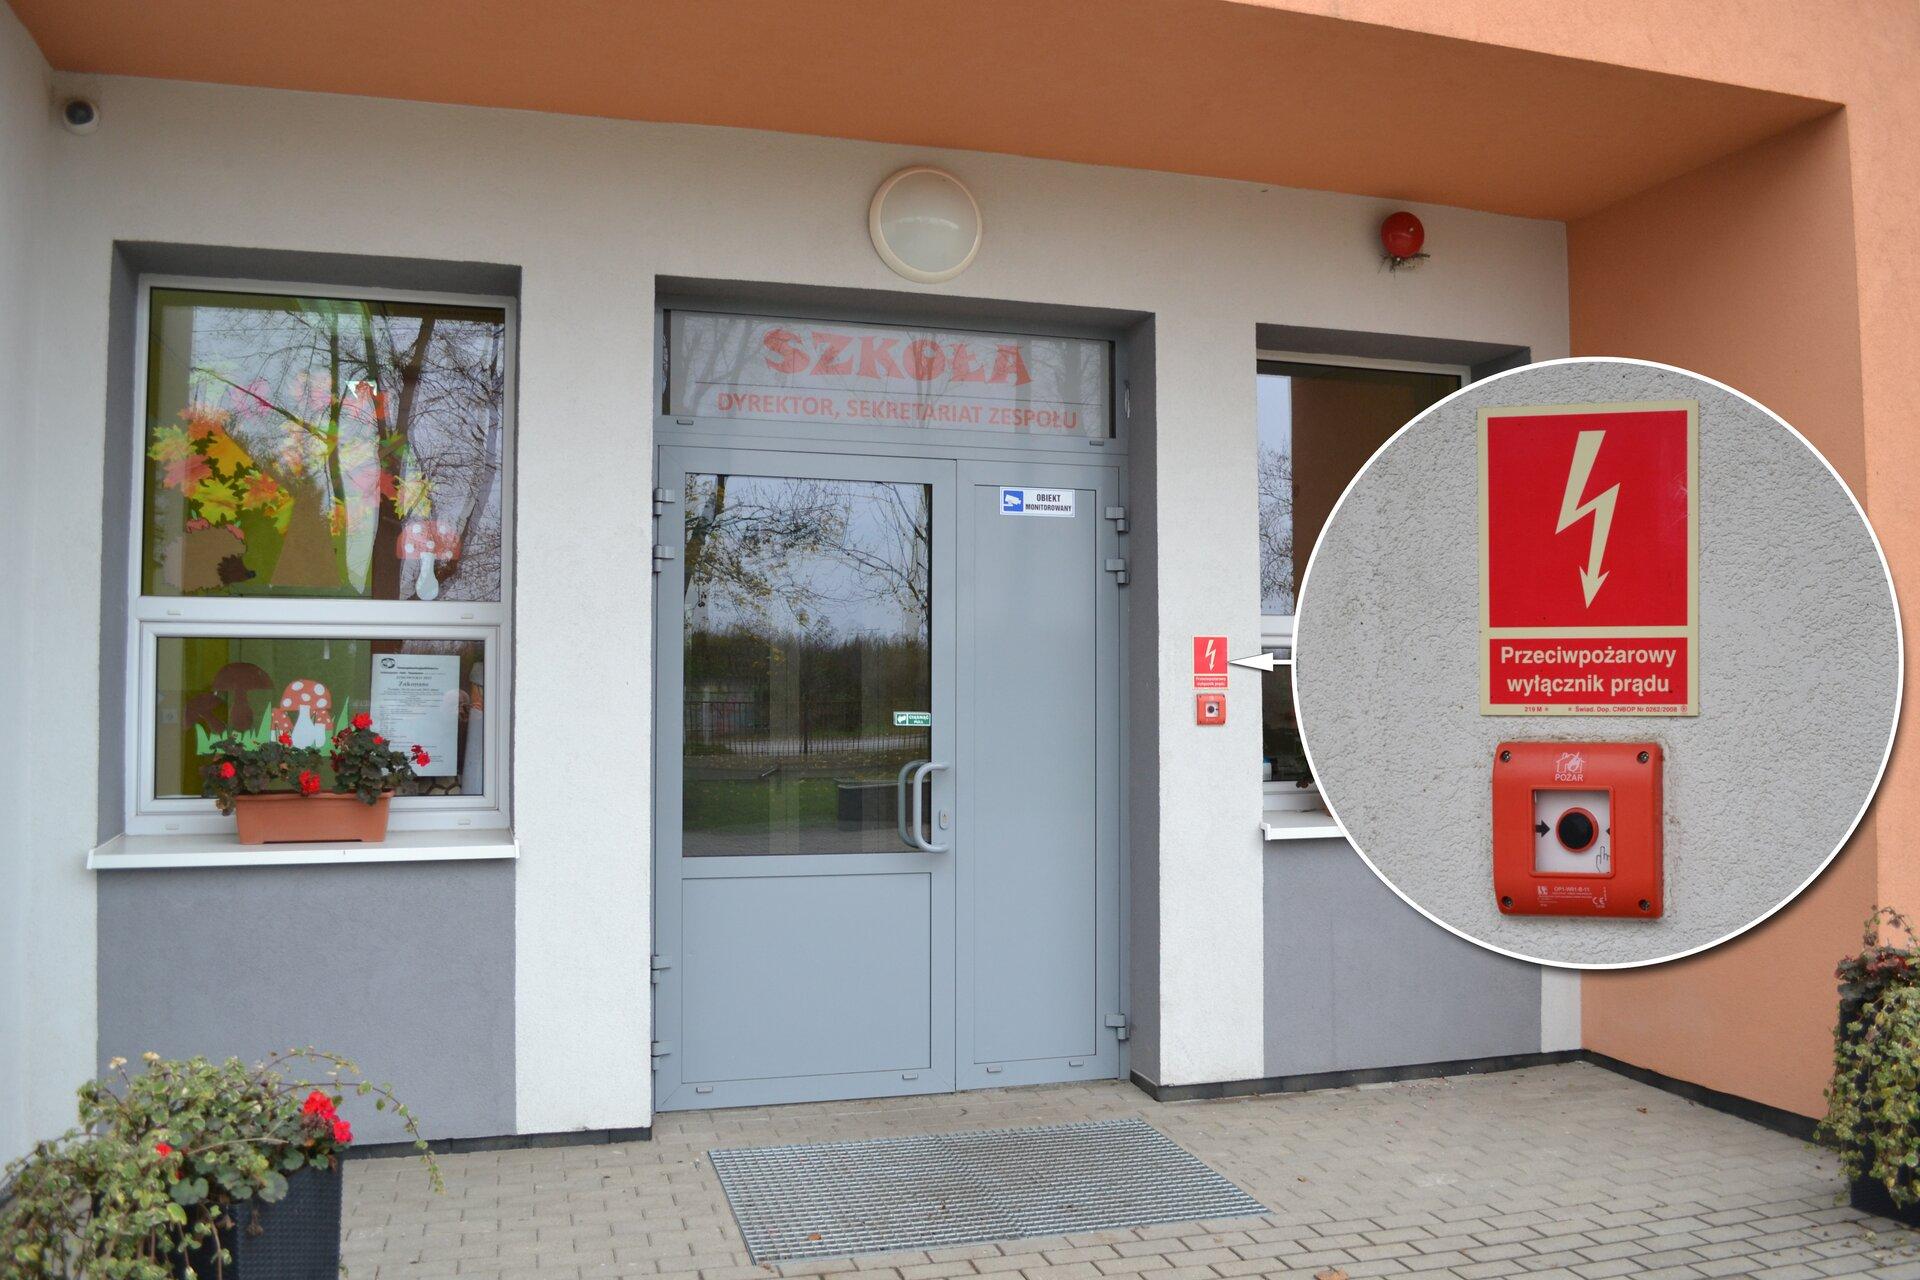 Kolorowe ujęcie głównego wejścia do budynku szkoły za dnia. Wejście to duże przeszklone pojedyncze drzwi zczerwonym napisem szkoła powyżej. Zprawej strony drzwi mieście się przeciwpożarowy wyłącznik prądu, który sygnalizuje czerwona ramka. Powyżej czerwona prostokątna tabliczka. Tabliczka podzielona na dwie części. Górna część, zajmująca dwie trzecie tabliczki, to czerwony prostokąt. Przez środek prostokąta przebiega biała błyskawica wkształcie strzałki zgrotem skierowanym ku dołowi. Wpołowie strzałka jest zakrzywiona wformie zygzaka. Dół tabliczki to biały napis: główny wyłącznik prądu.